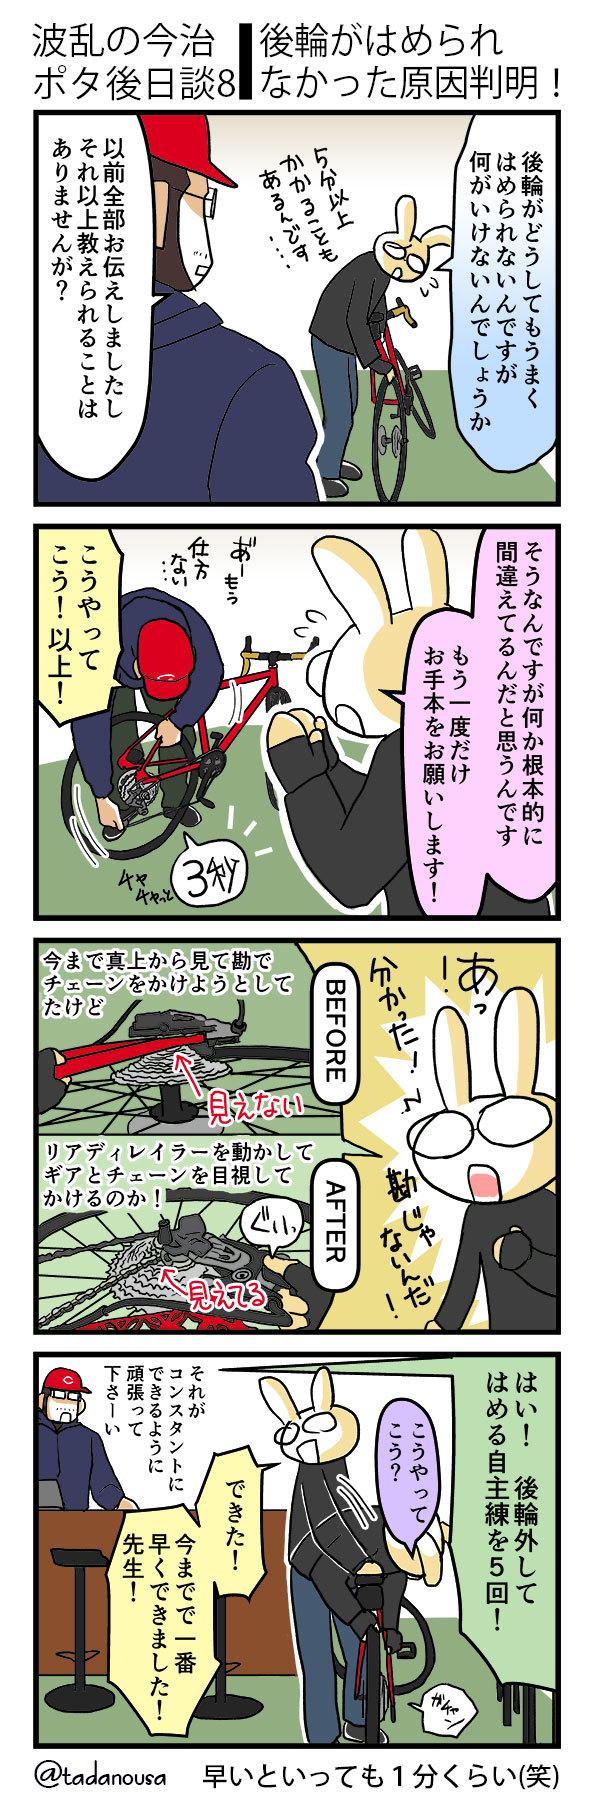 波乱の今治ポタ後日談8